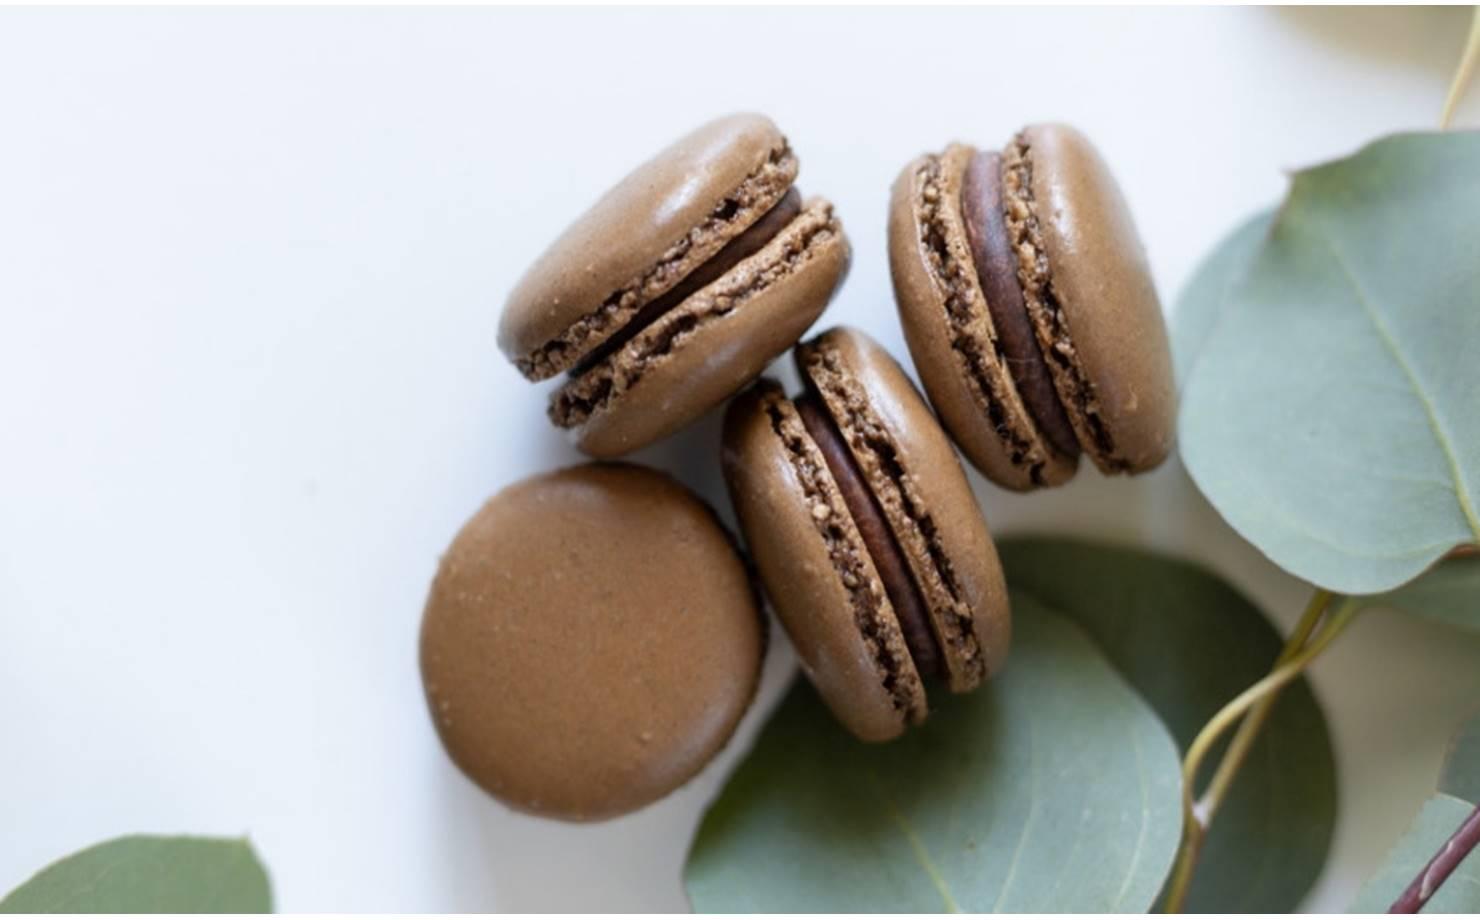 Deliciosos biscoitos de chocolate recheados para surpreender sua família